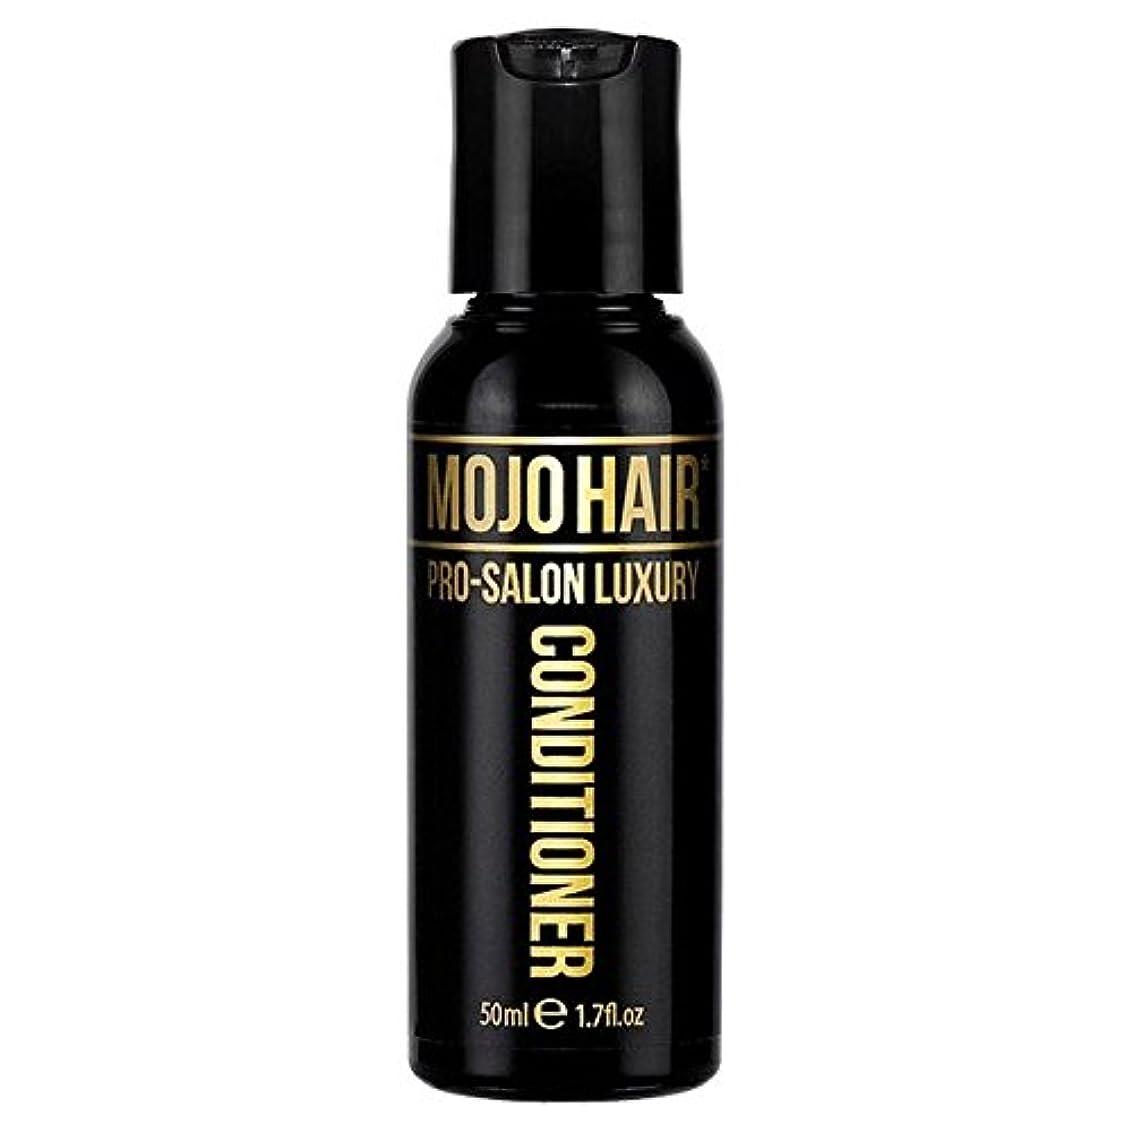 広いプレゼン広がり男性のためのモジョの毛プロのサロンの贅沢な香りコンディショナー、トラベルサイズの50ミリリットル x4 - MOJO HAIR Pro-Salon Luxury Fragrance Conditioner for Men...